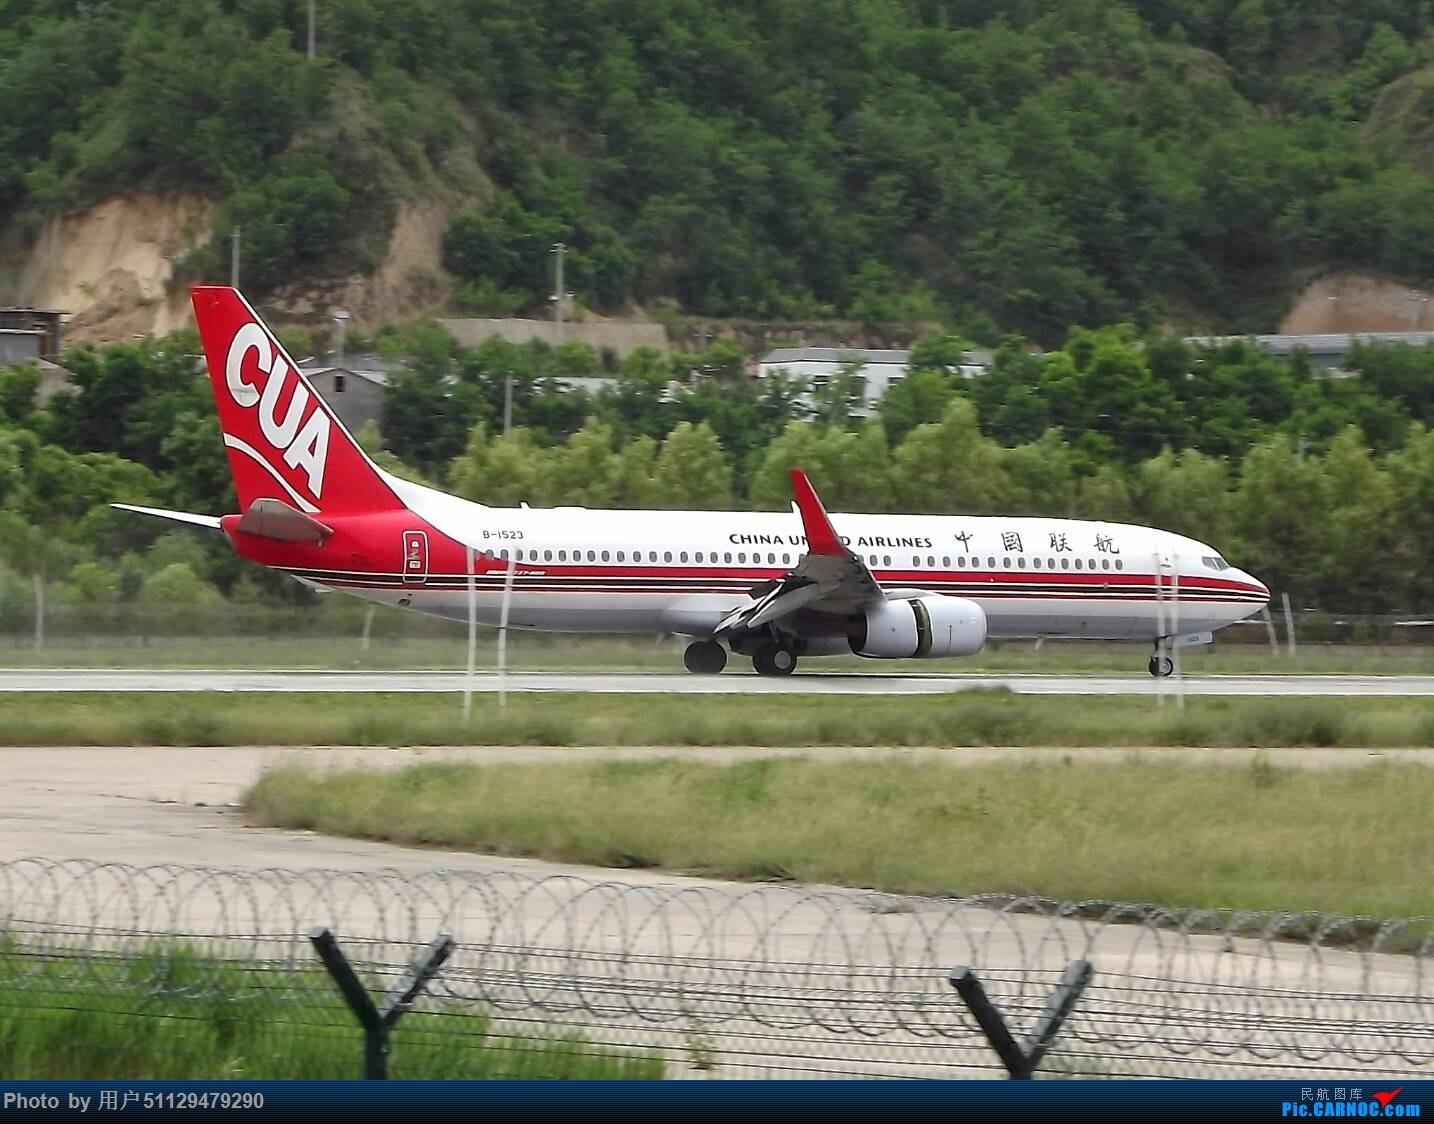 [原创]延安机场拍机 BOEING 737-800 B-1523 ZLYA